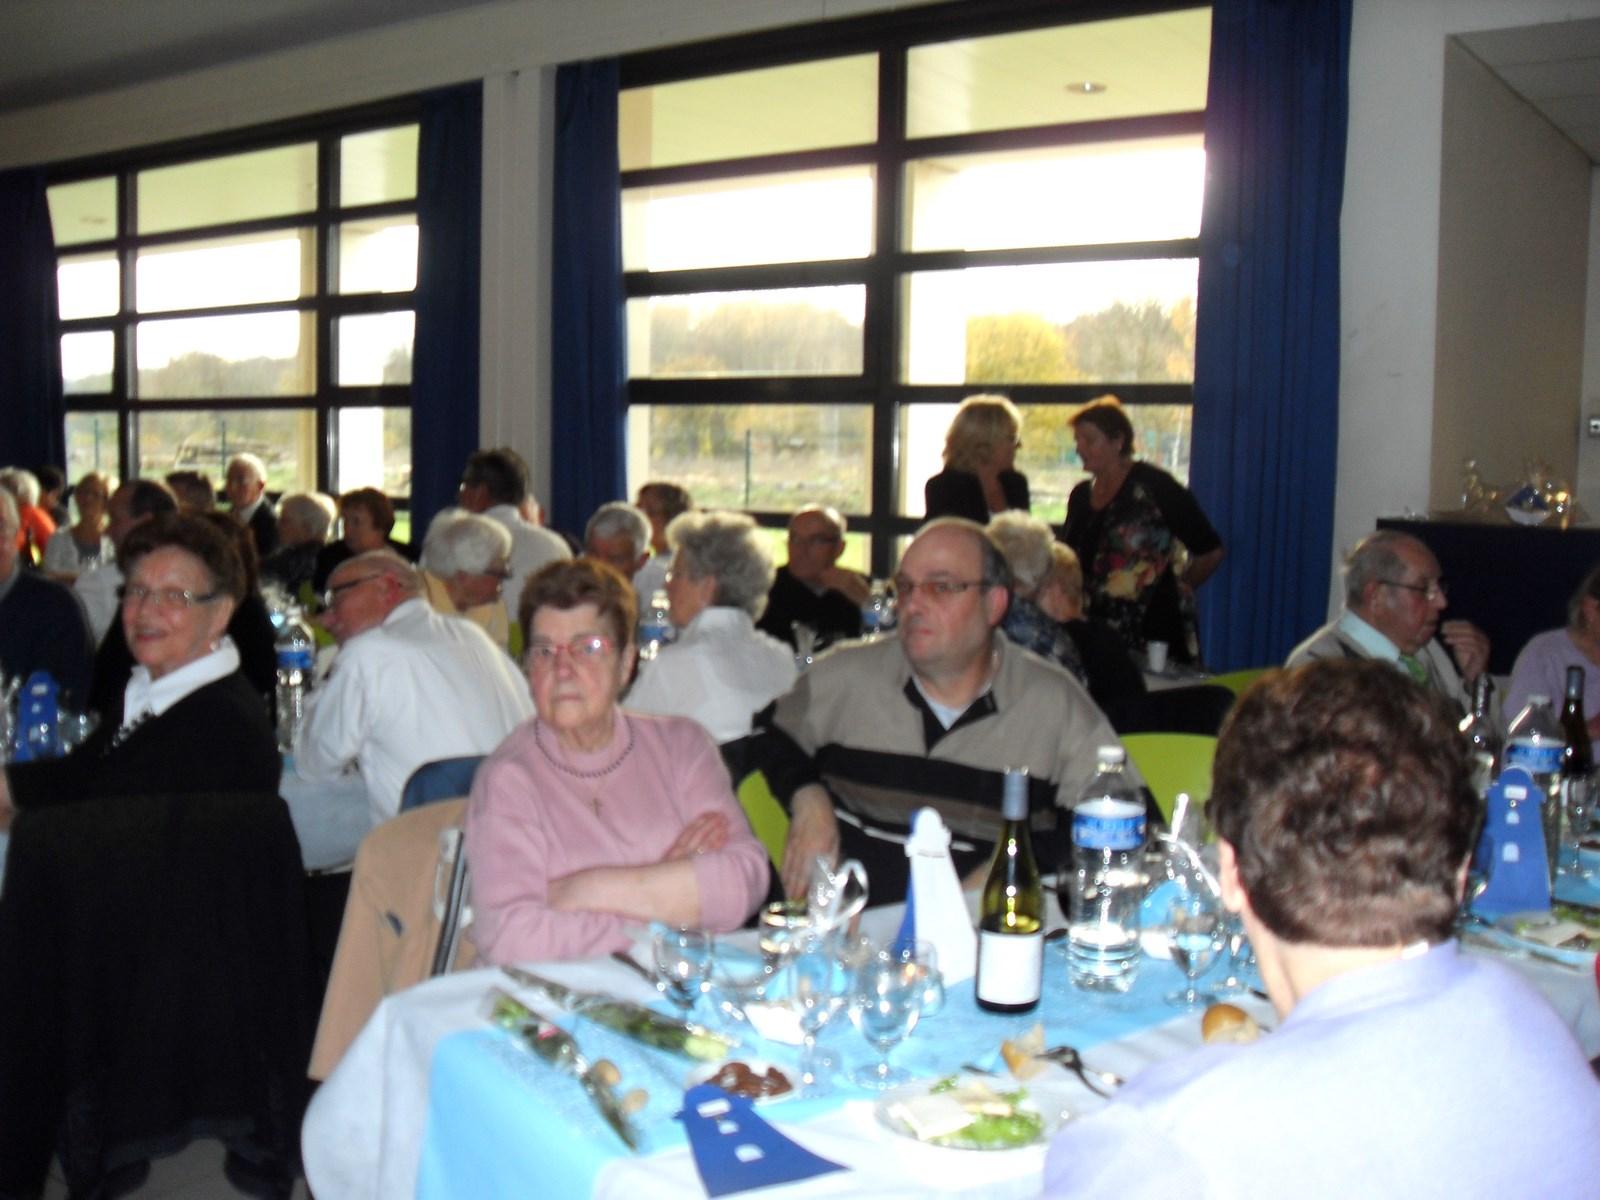 Repas des seniors eurville bienville for Eurville bienville